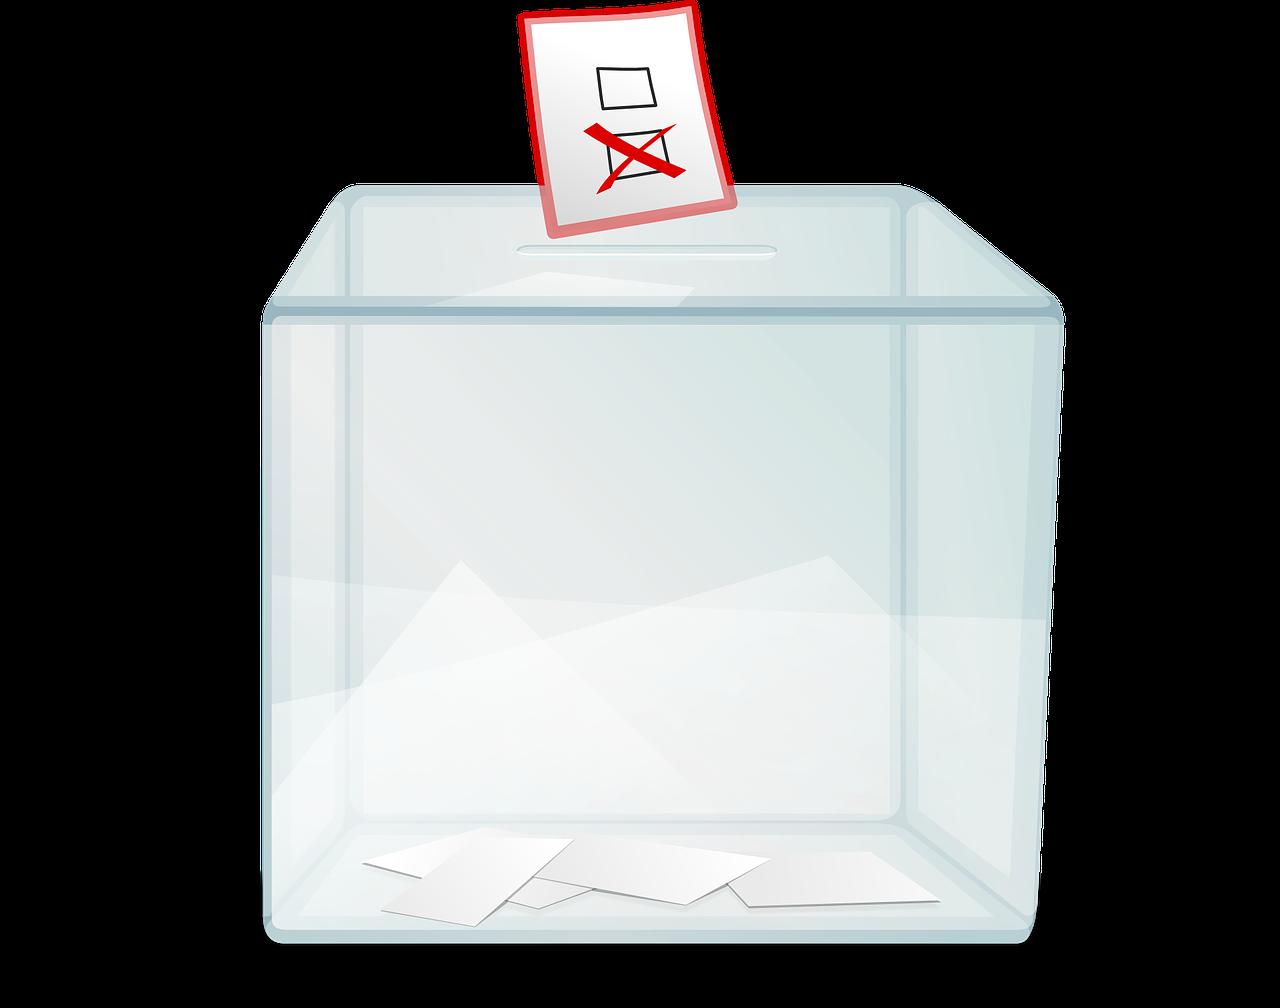 Znamy numery list wyborczych. Na kogo możemy głosować w naszym okręgu? - Zdjęcie główne